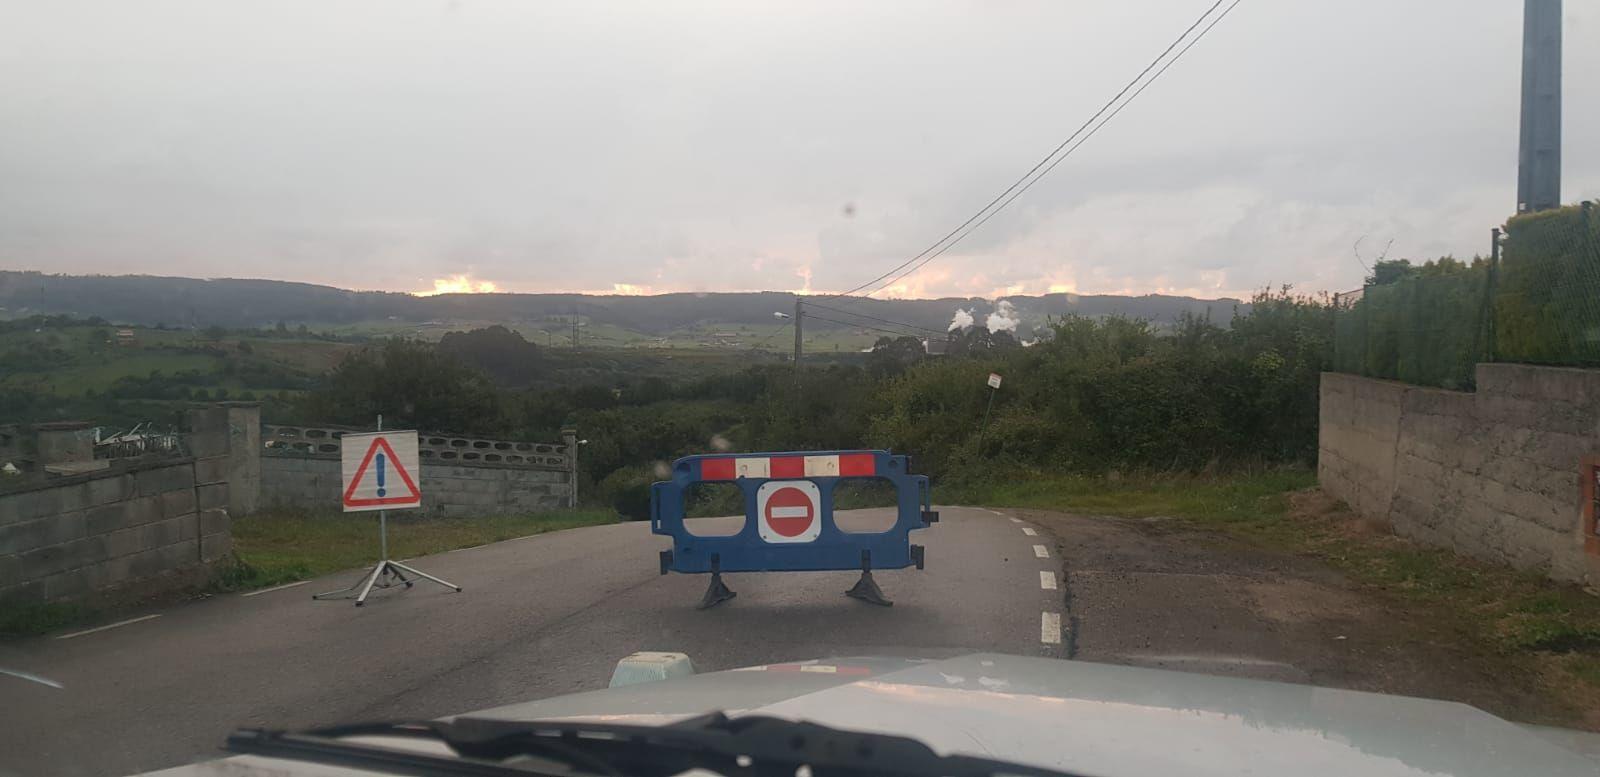 Un camión frigorífico se atasca en un camino rural de Gijón